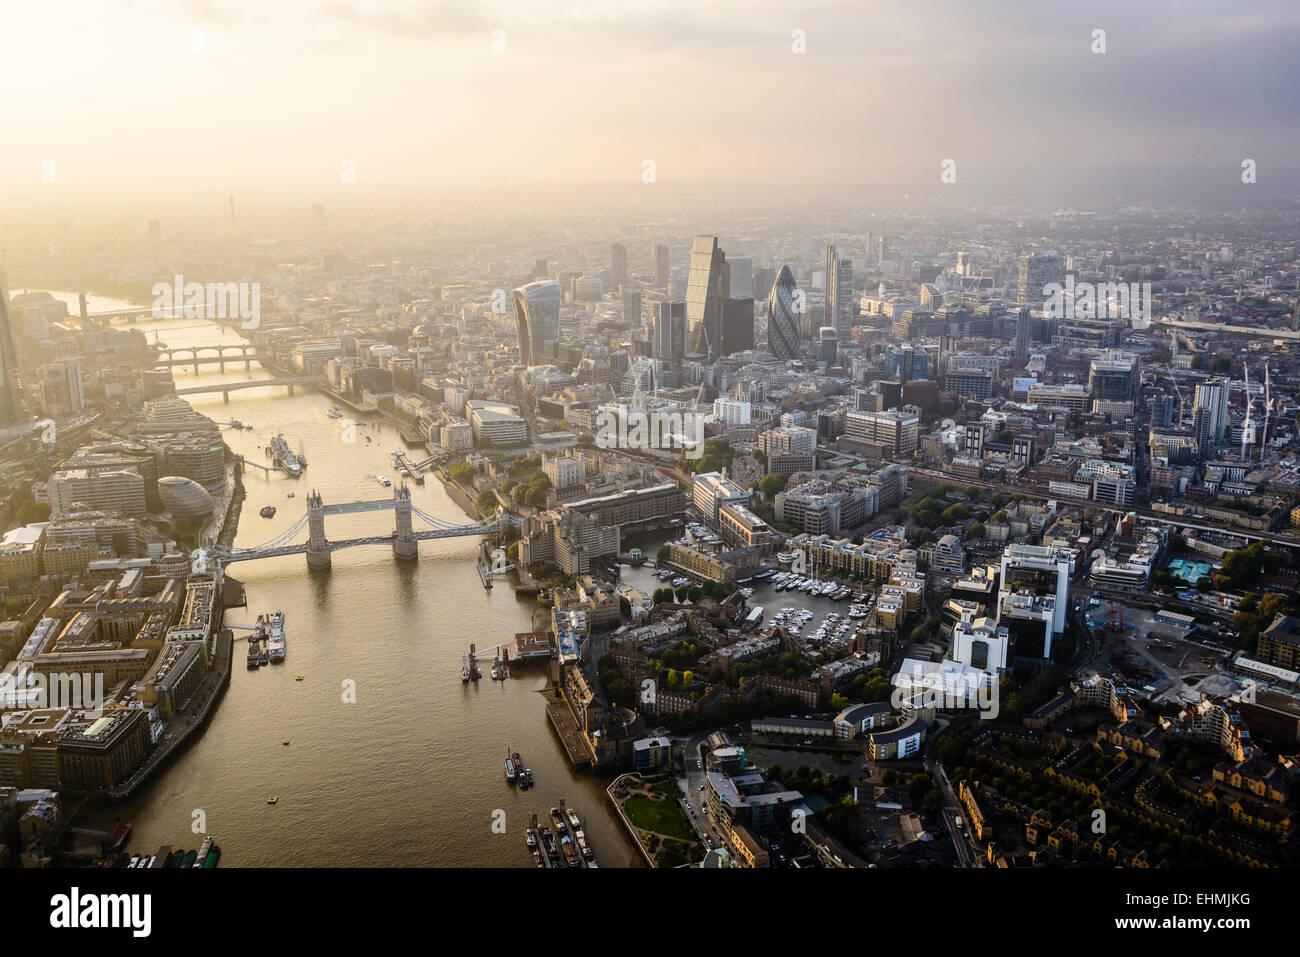 Vista aérea de la ciudad de Londres y el río, Inglaterra Imagen De Stock